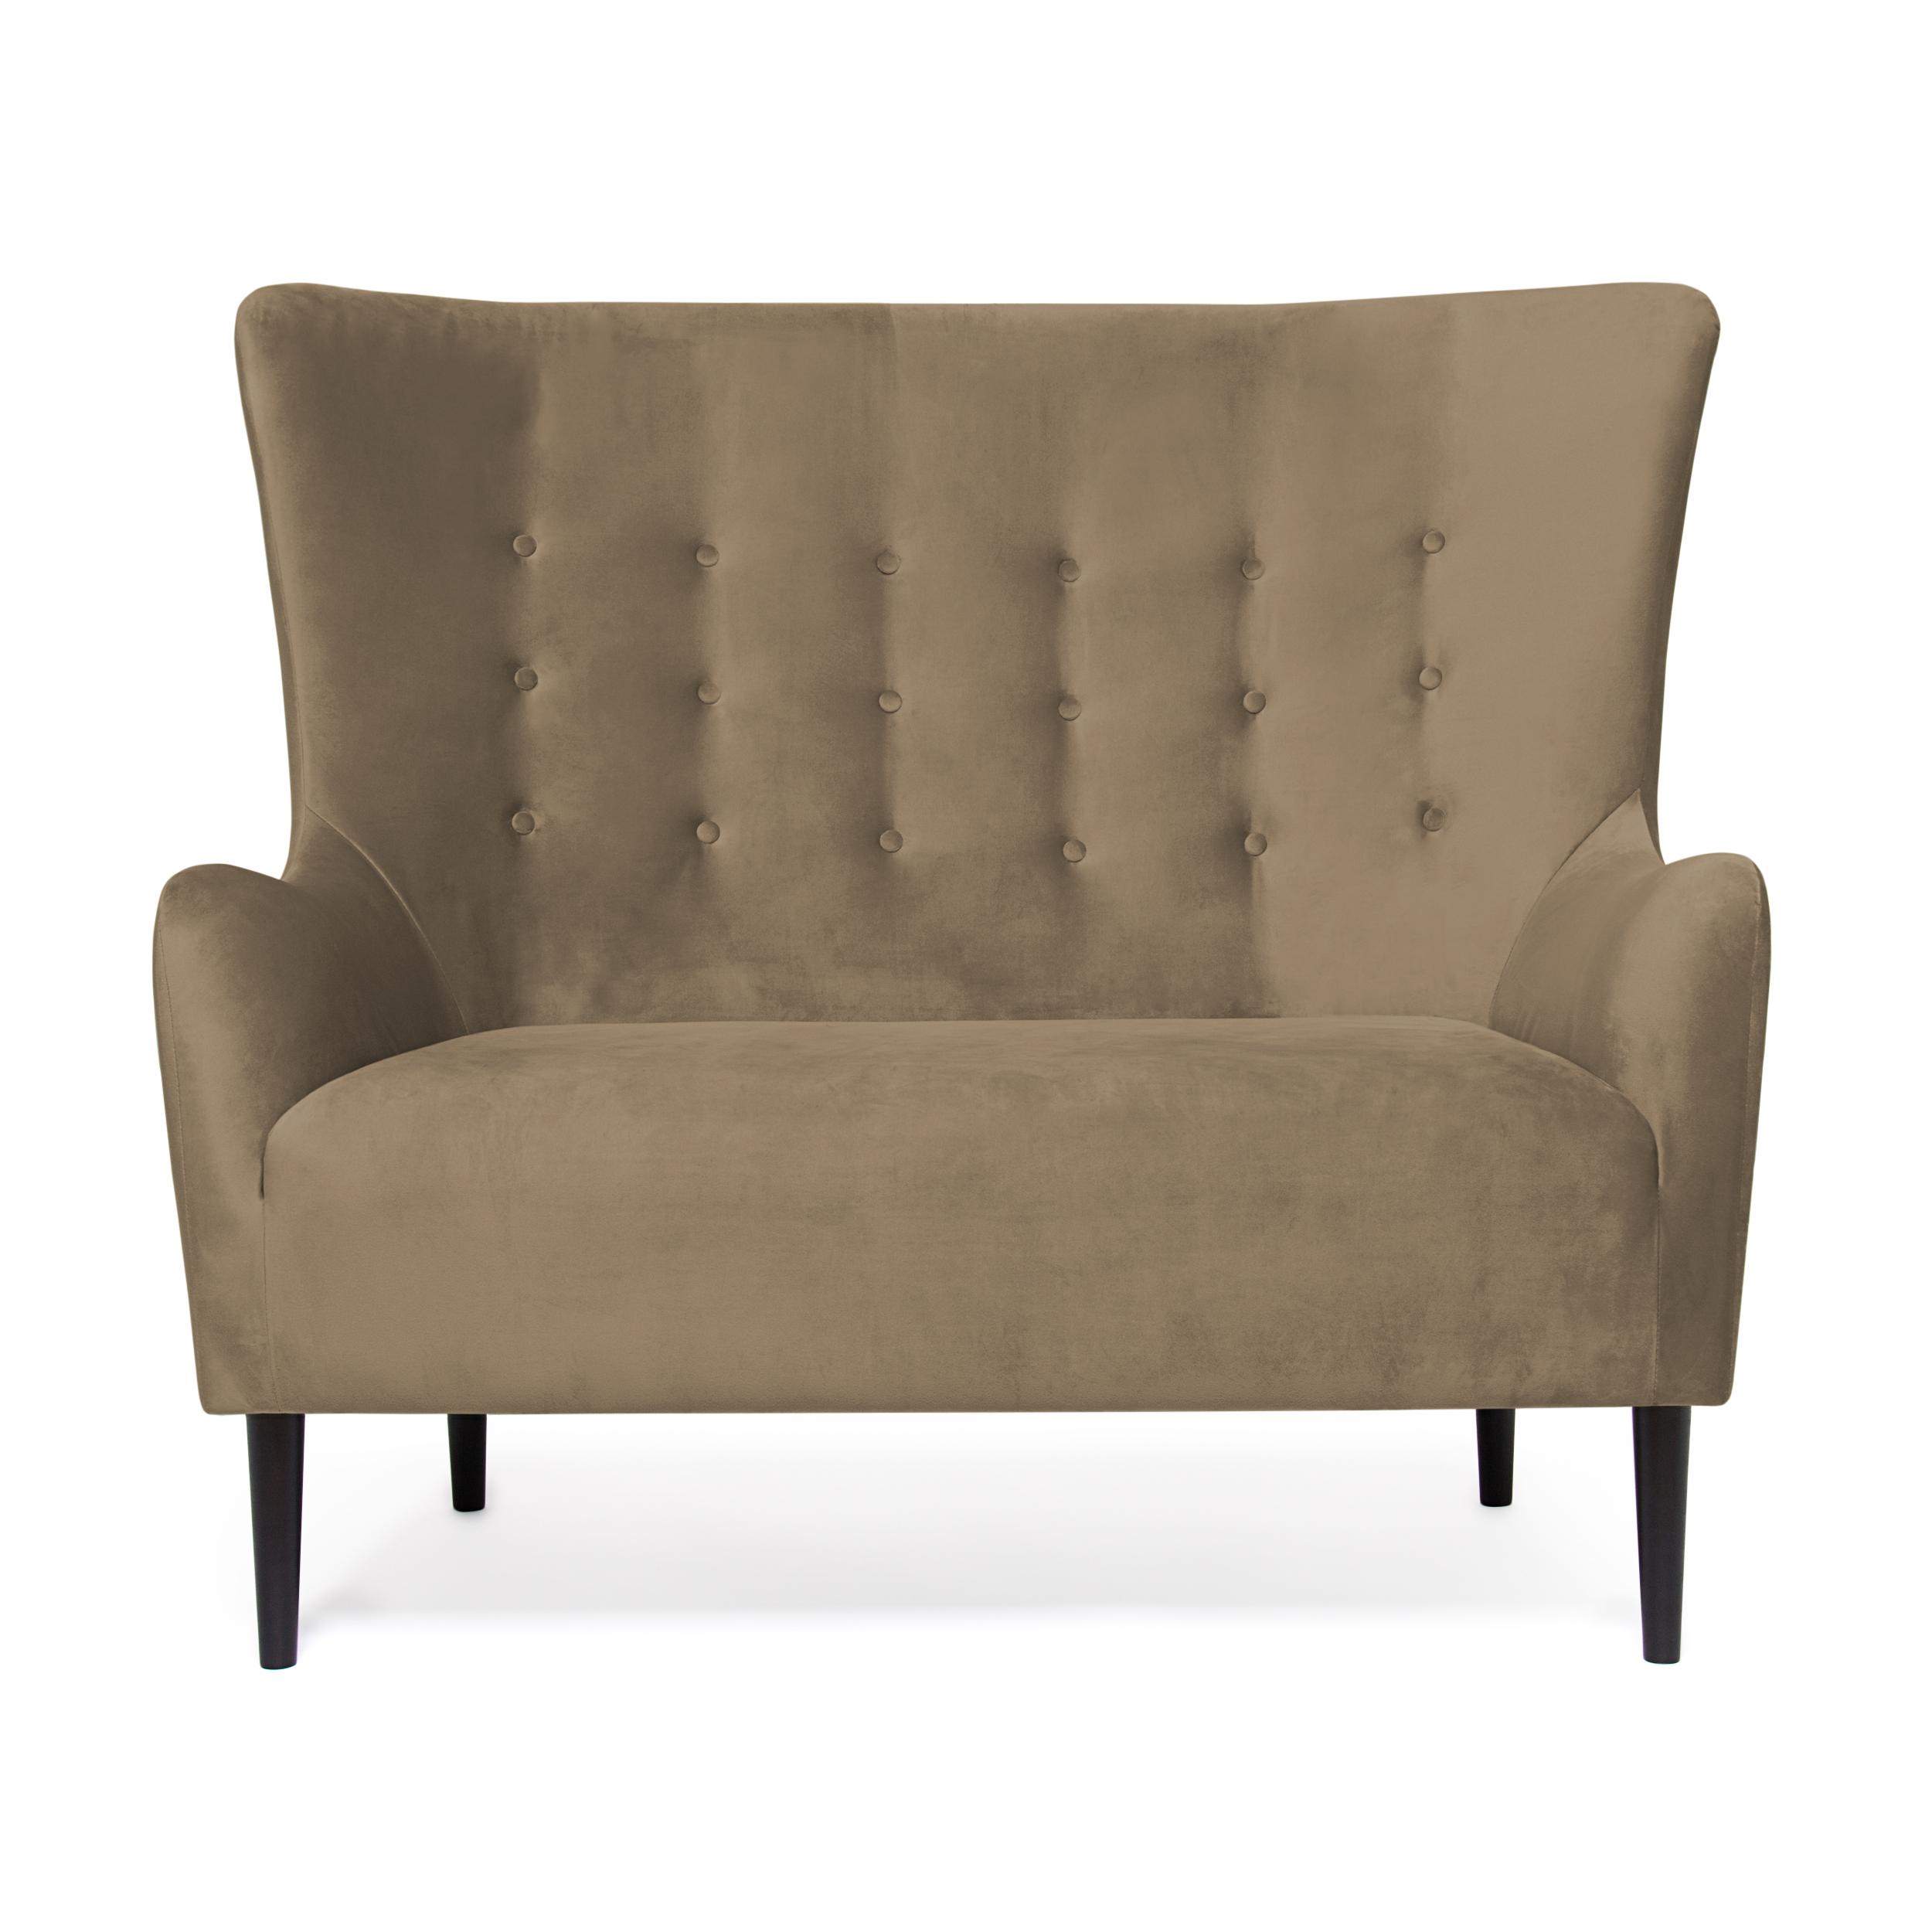 Canapea Fixa 2 locuri Blair Taupe